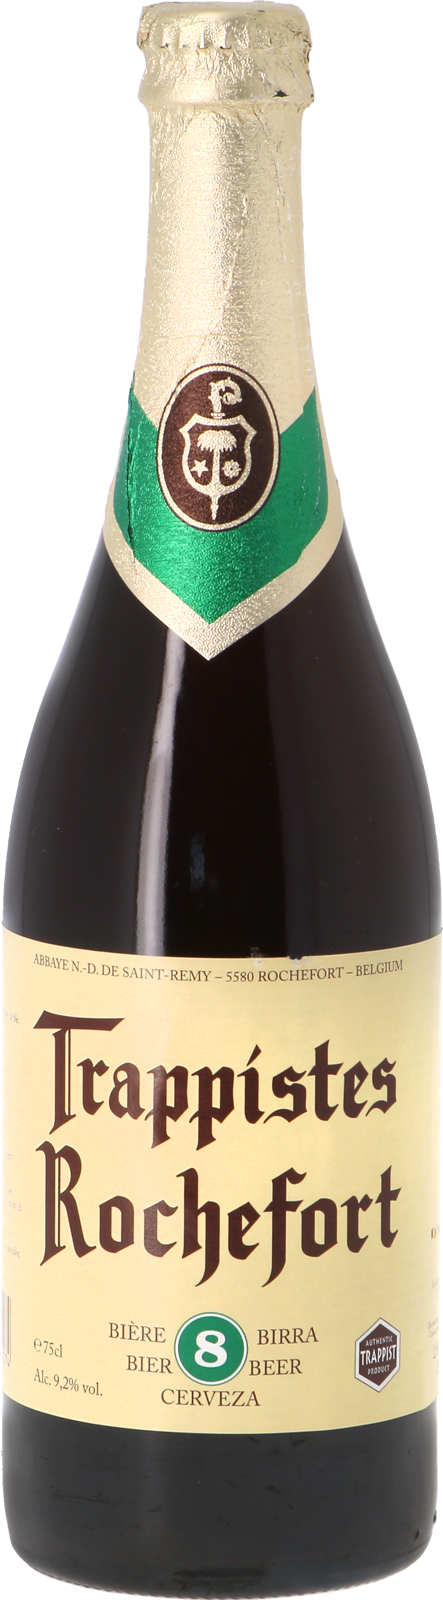 Rochefort 8 - 75 cl